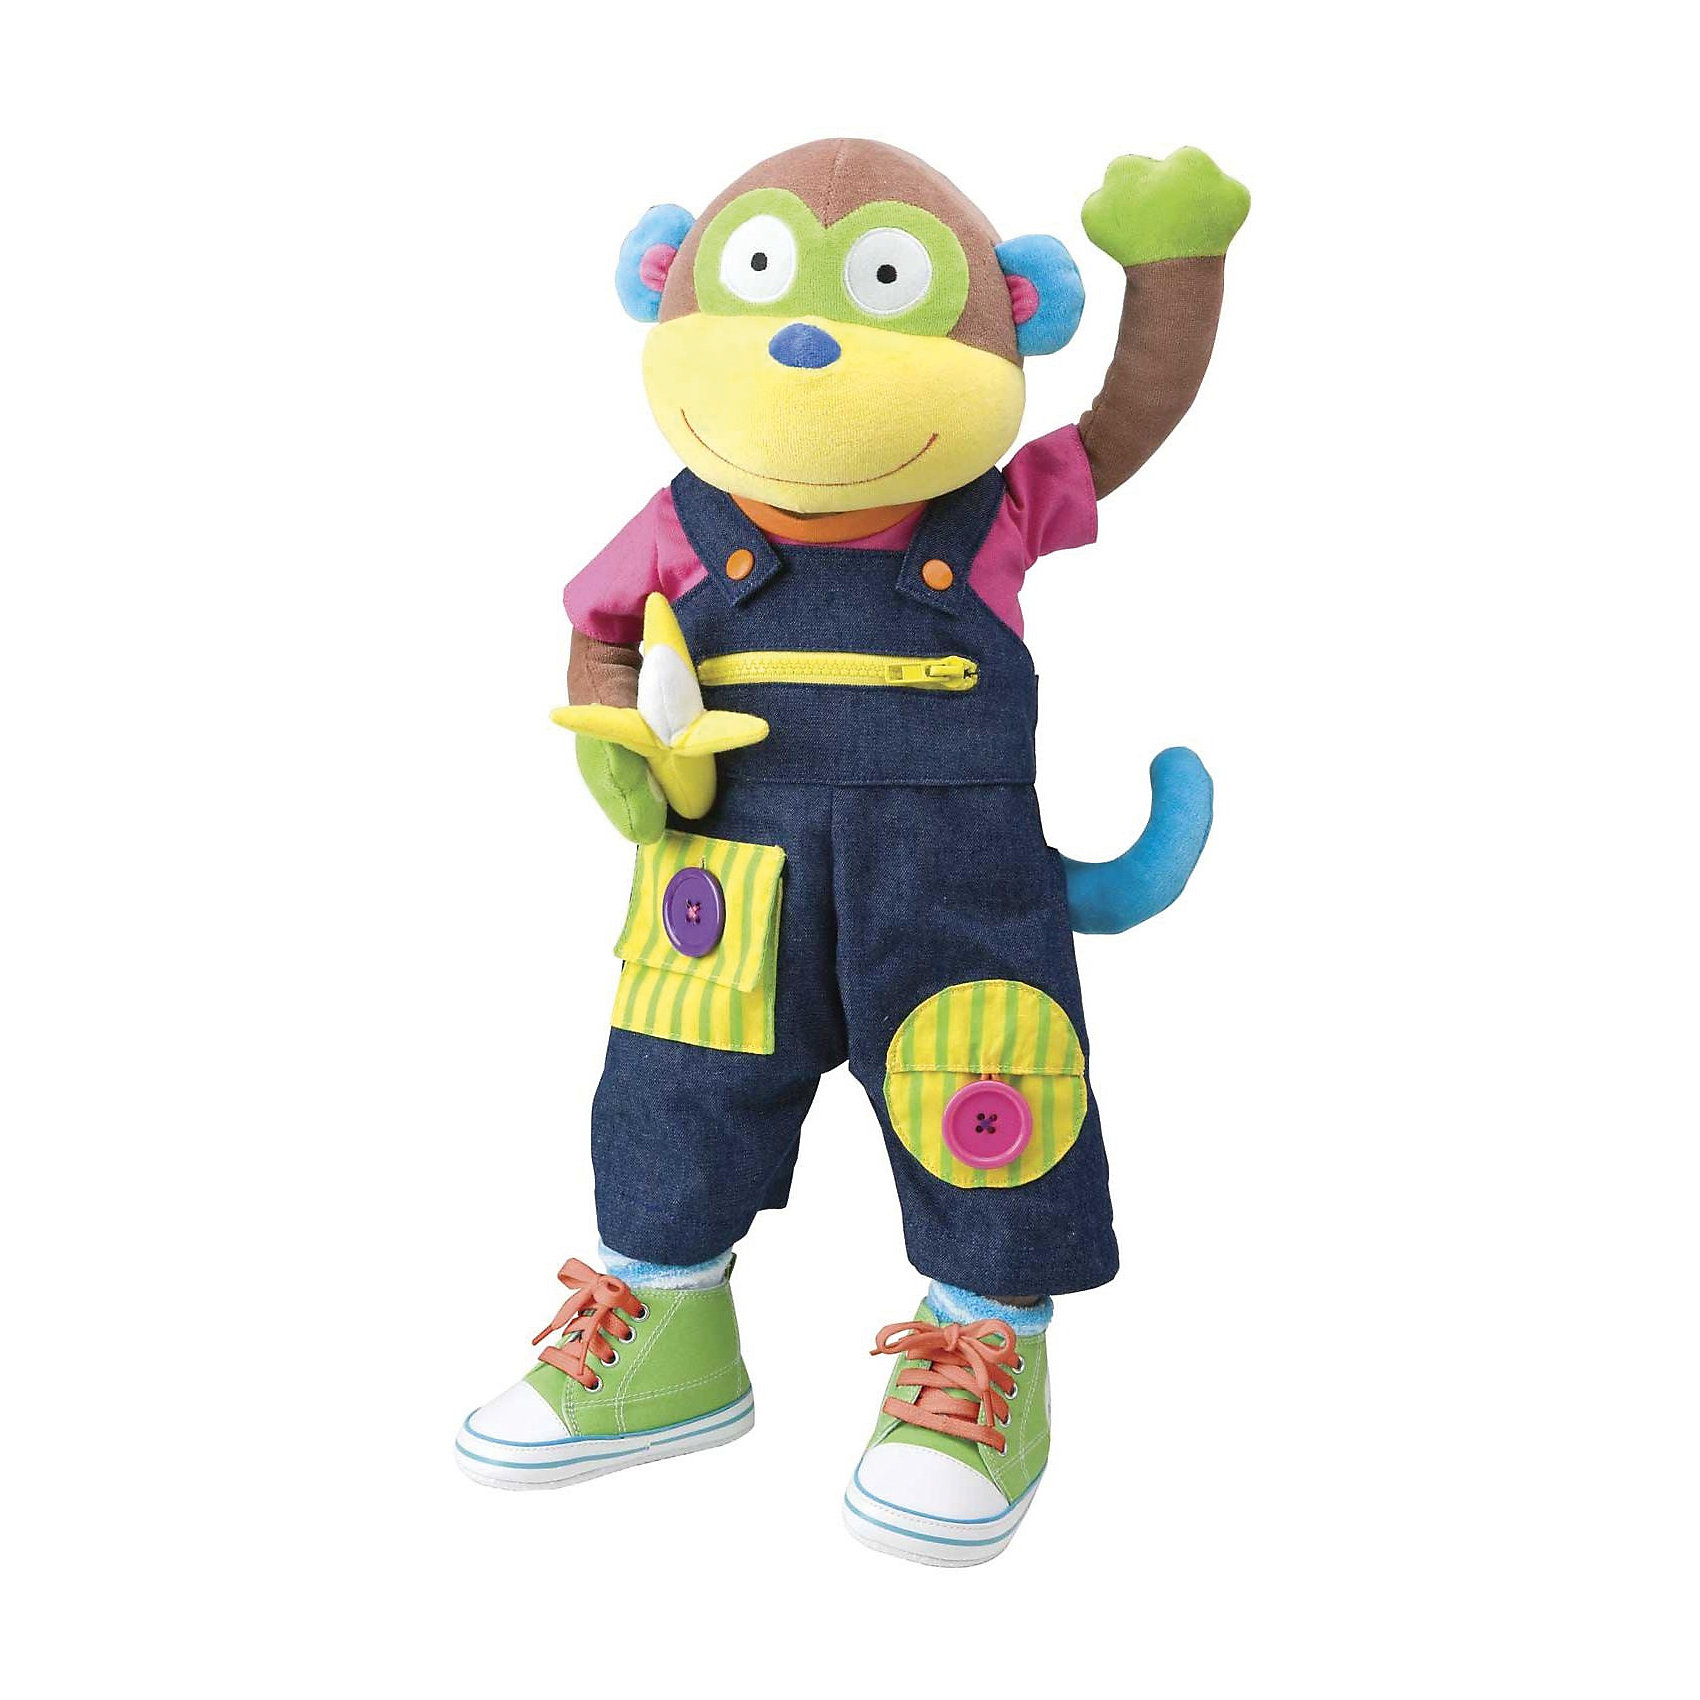 Мягкая развивающая игрушка Учимся одеваться с обезьянкой, AlexРазвивающие игрушки<br>Характеристики товара:<br><br>• возраст от 18 месяцев<br>• материал: текстиль, наполнитель, пластик<br>• высота игрушки 56 см<br>• размер упаковки 58х24х15,2 см<br>• вес упаковки 1,362 кг<br>• страна бренда: США<br>• страна производитель: США<br><br>Мягкая развивающая игрушка «Учимся одеваться с обезьянкой» Alex — мягкая игрушка, которая научит малыша одеваться, застегивать пуговички, молнии, завязывать шнурки. Обезьянка одета в костюмчик с пряжками, пуговицами, молниями, с которыми малыш будет учится управляться. На ножках кеды на шнурках, которые надо учиться завязывать. Игрушка не только научит малыша справляться с застежками, но и способствует развитию мелкой моторики рук и логического мышления.<br><br>Мягкую развивающую игрушку «Учимся одеваться с обезьянкой» Alex можно приобрести в нашем интернет-магазине.<br><br>Ширина мм: 241<br>Глубина мм: 152<br>Высота мм: 584<br>Вес г: 454<br>Возраст от месяцев: 18<br>Возраст до месяцев: 36<br>Пол: Мужской<br>Возраст: Детский<br>SKU: 2353453